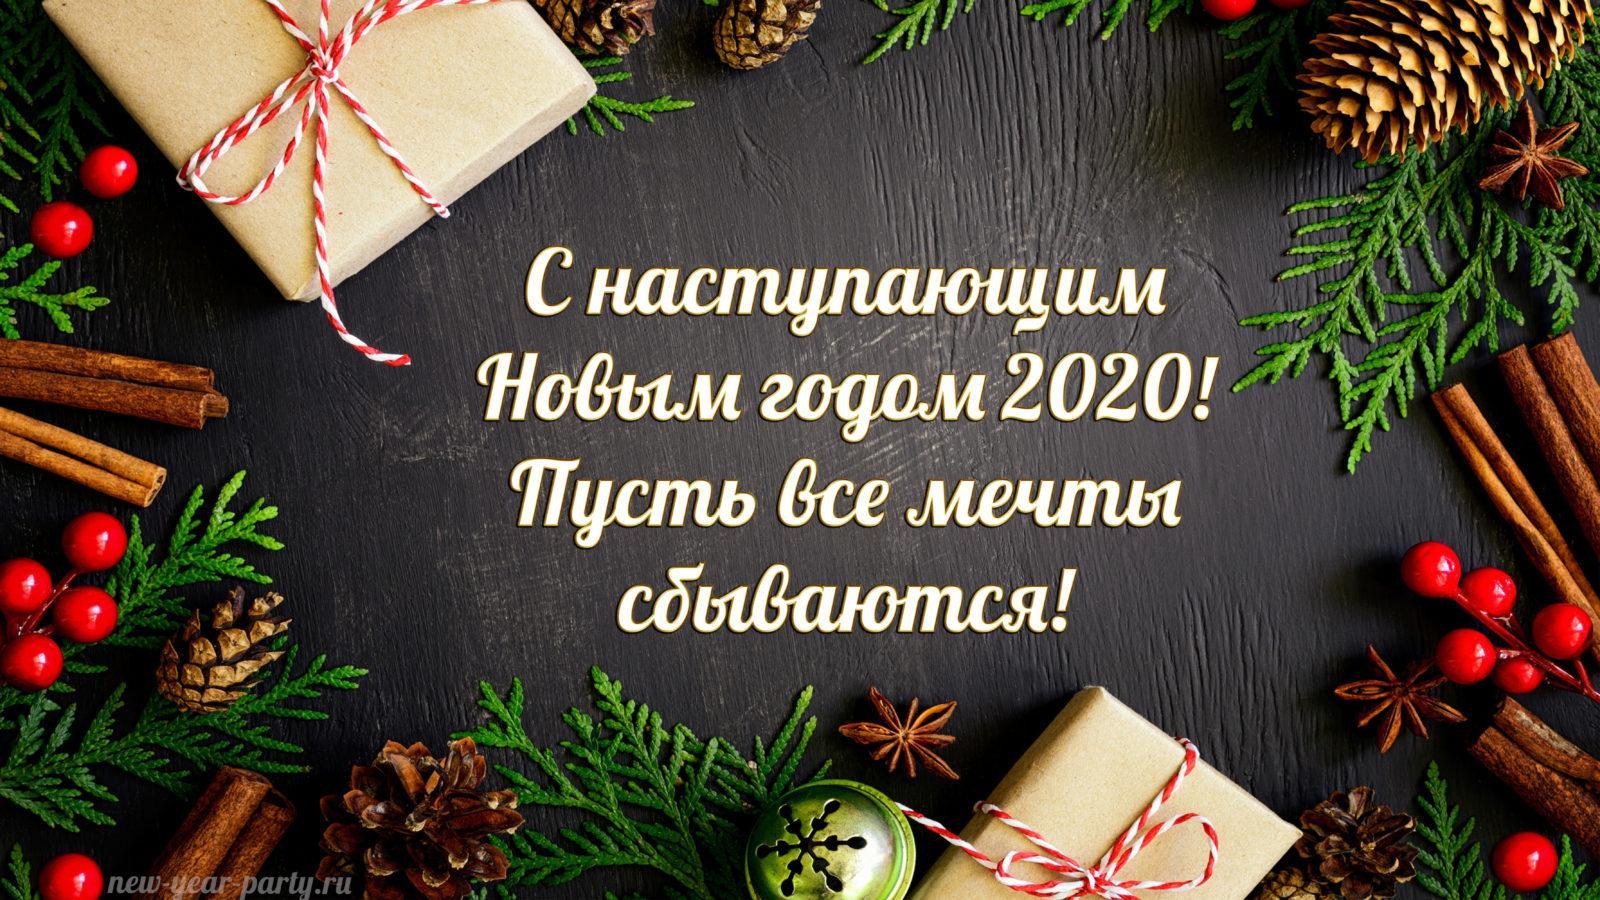 Поздравление От Детворы С Новым Годом!